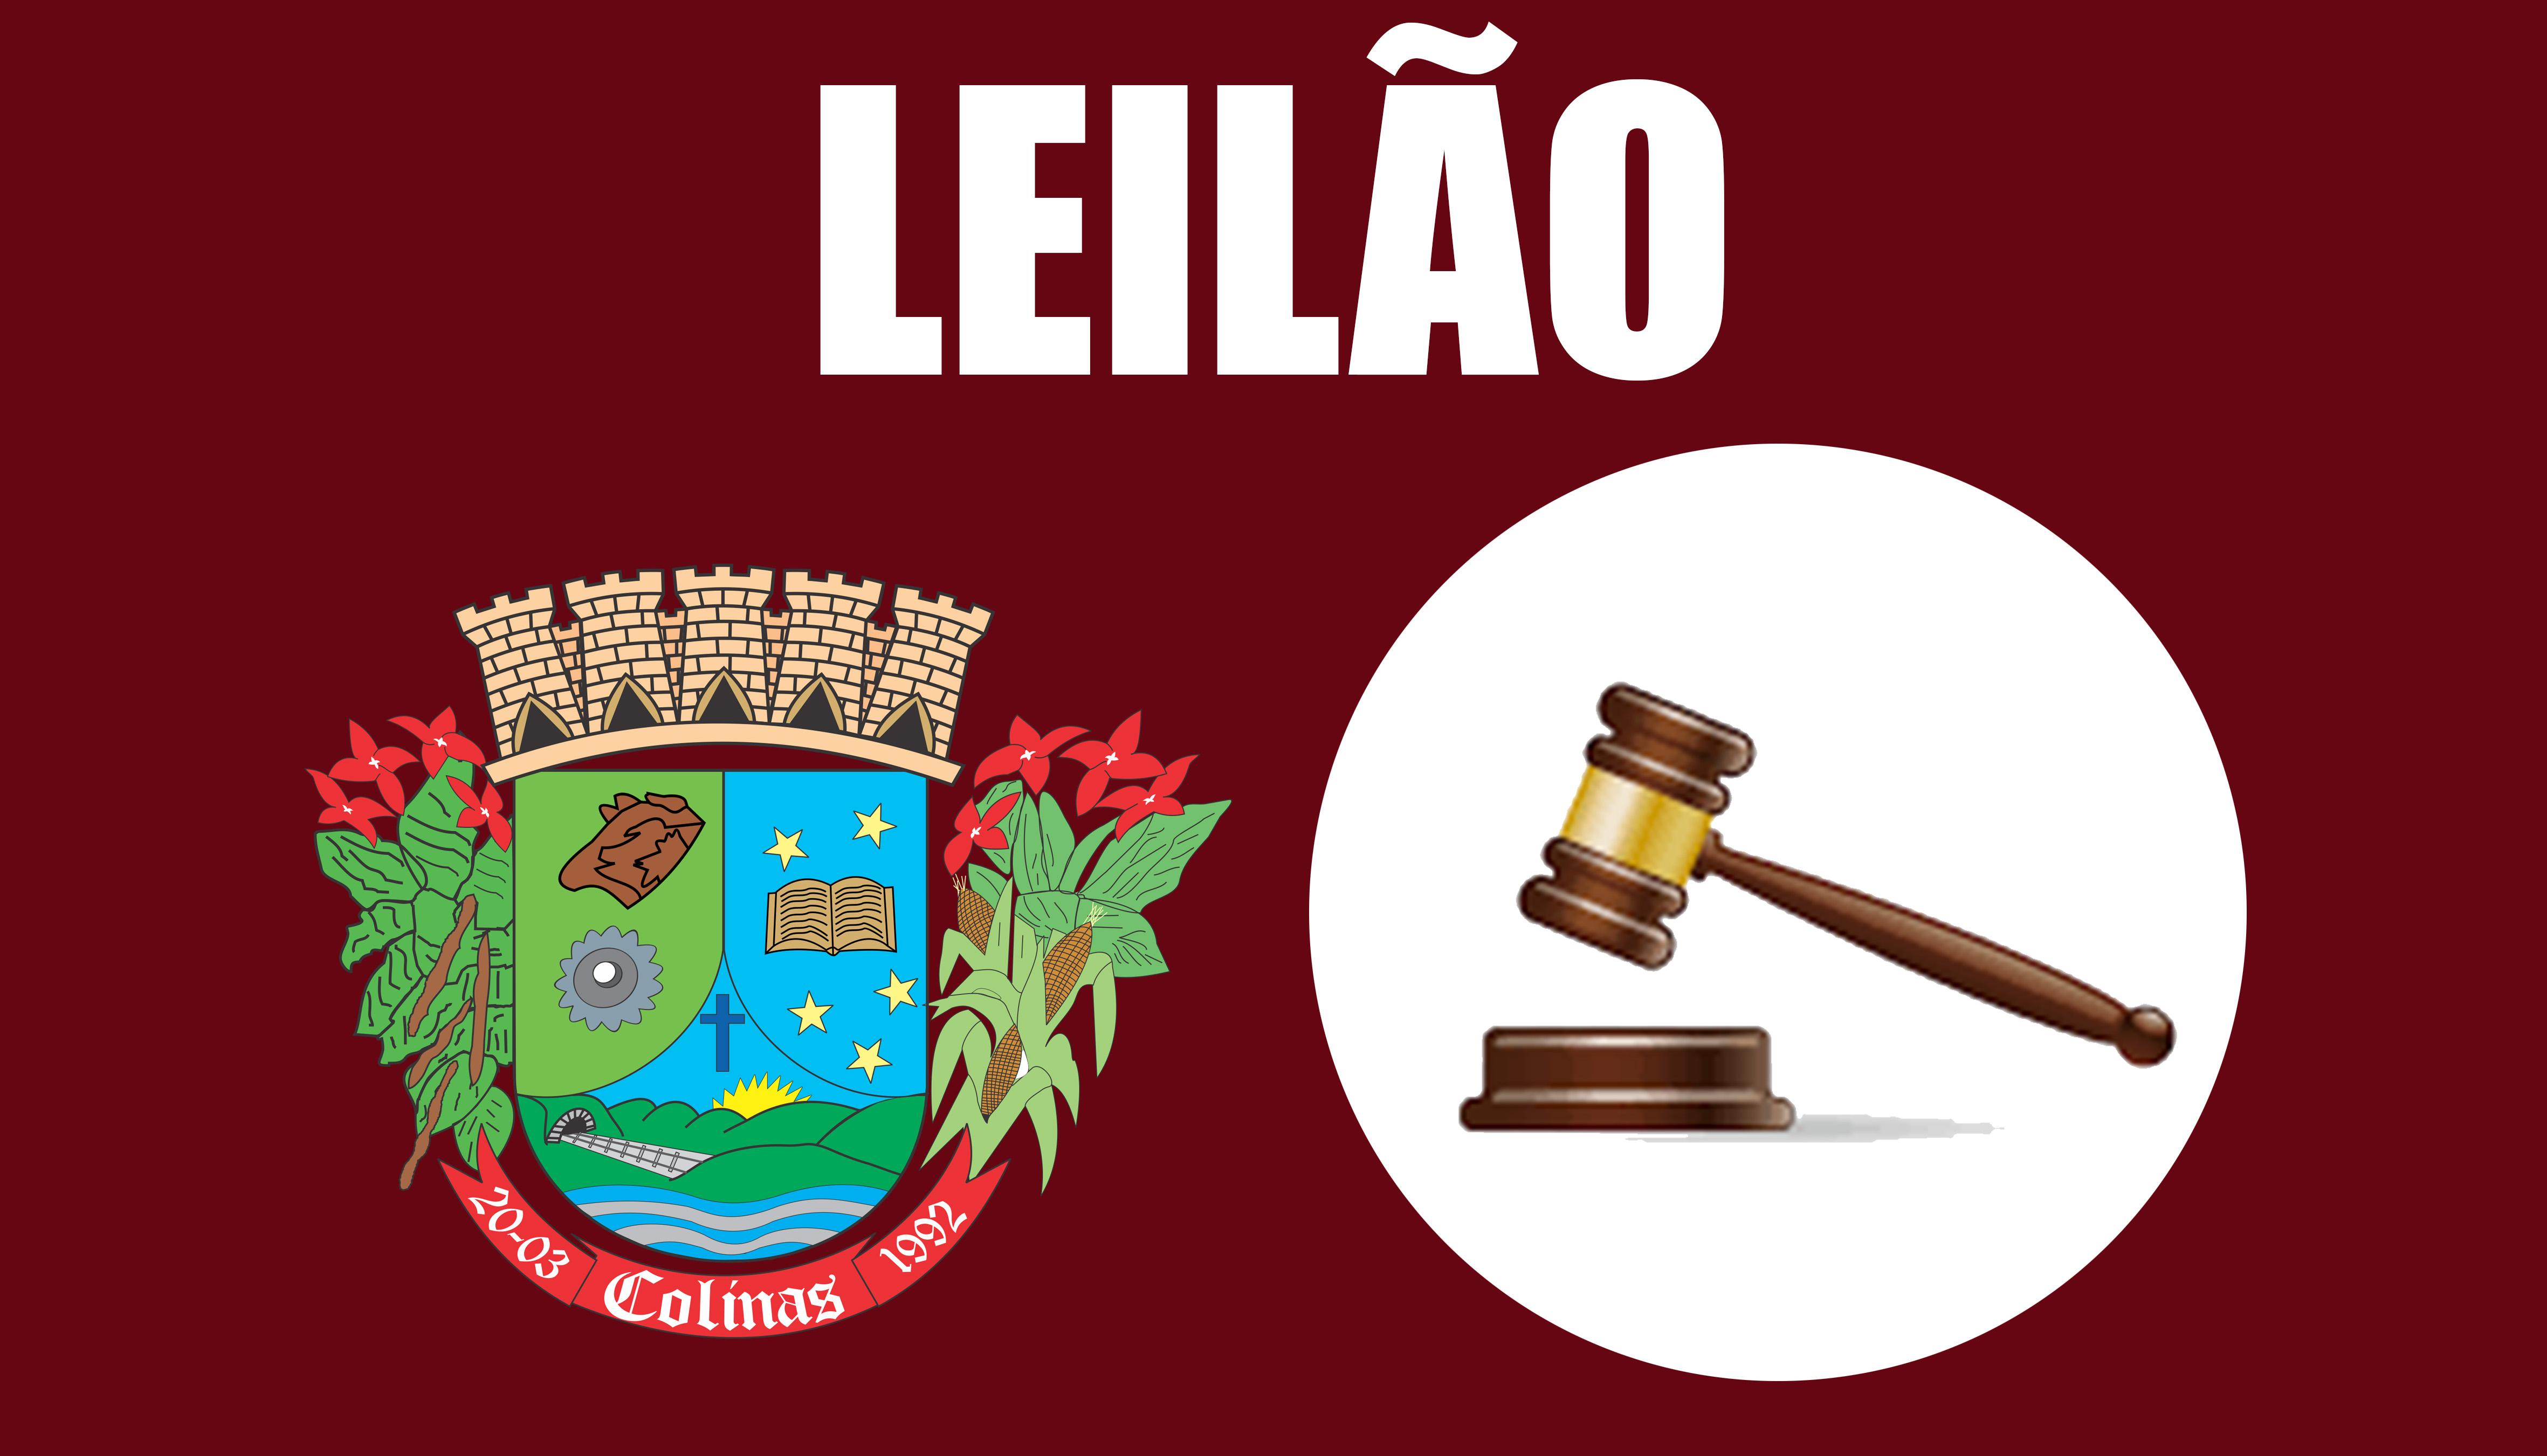 Administração promove leilão dia 17